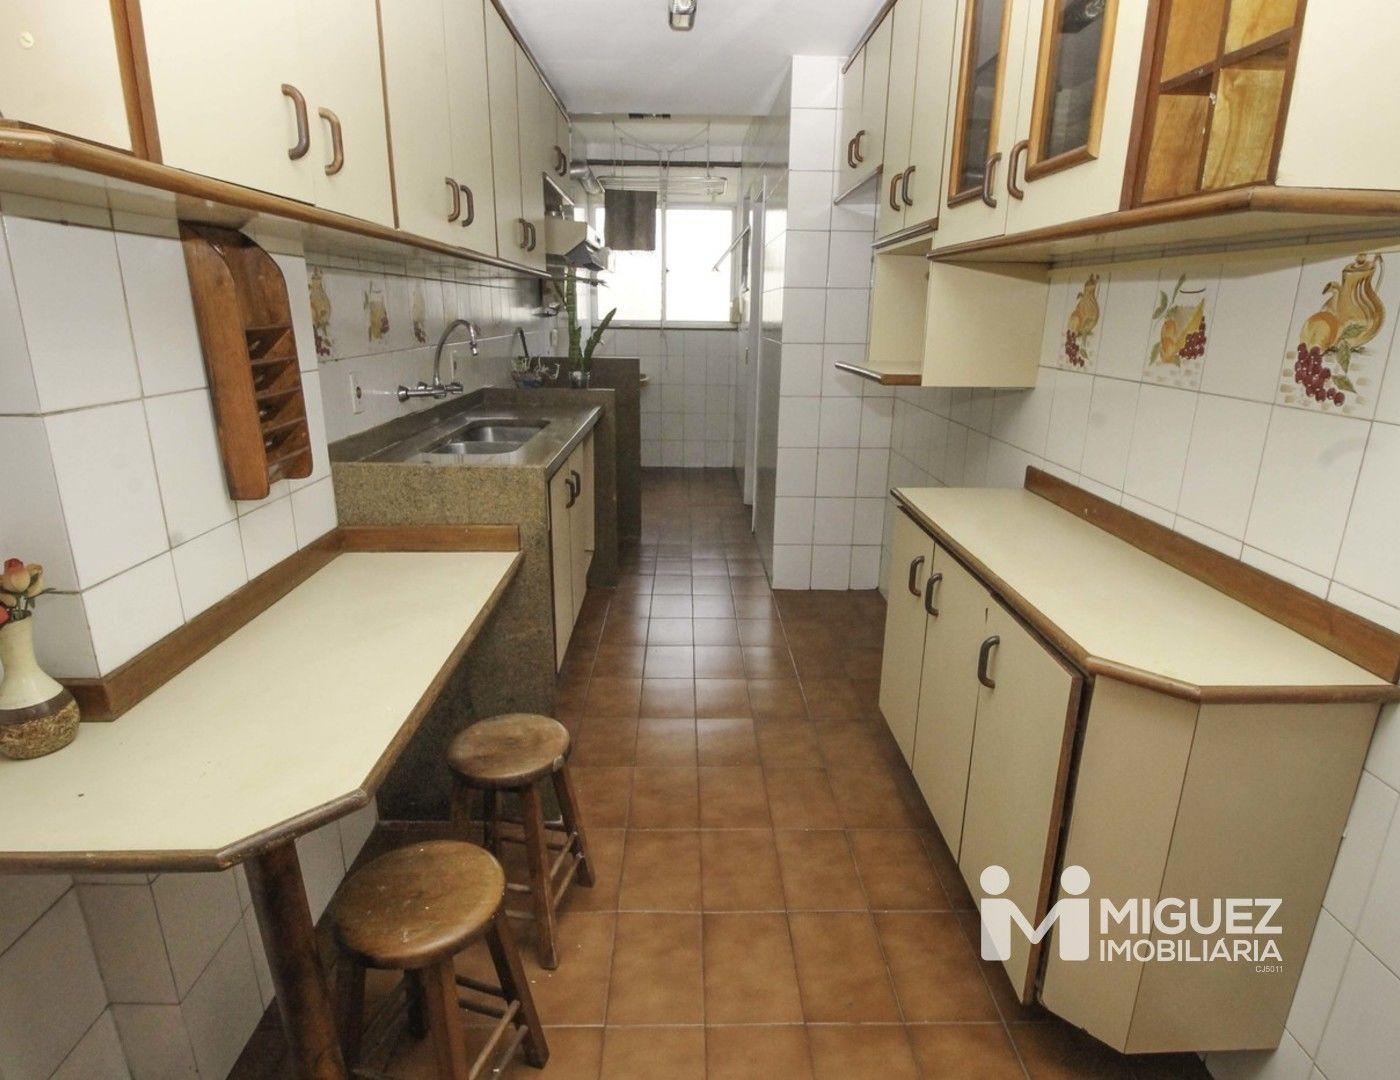 Cobertura, aluguel, Rua Maxwell - Andaraí , Rio de janeiro